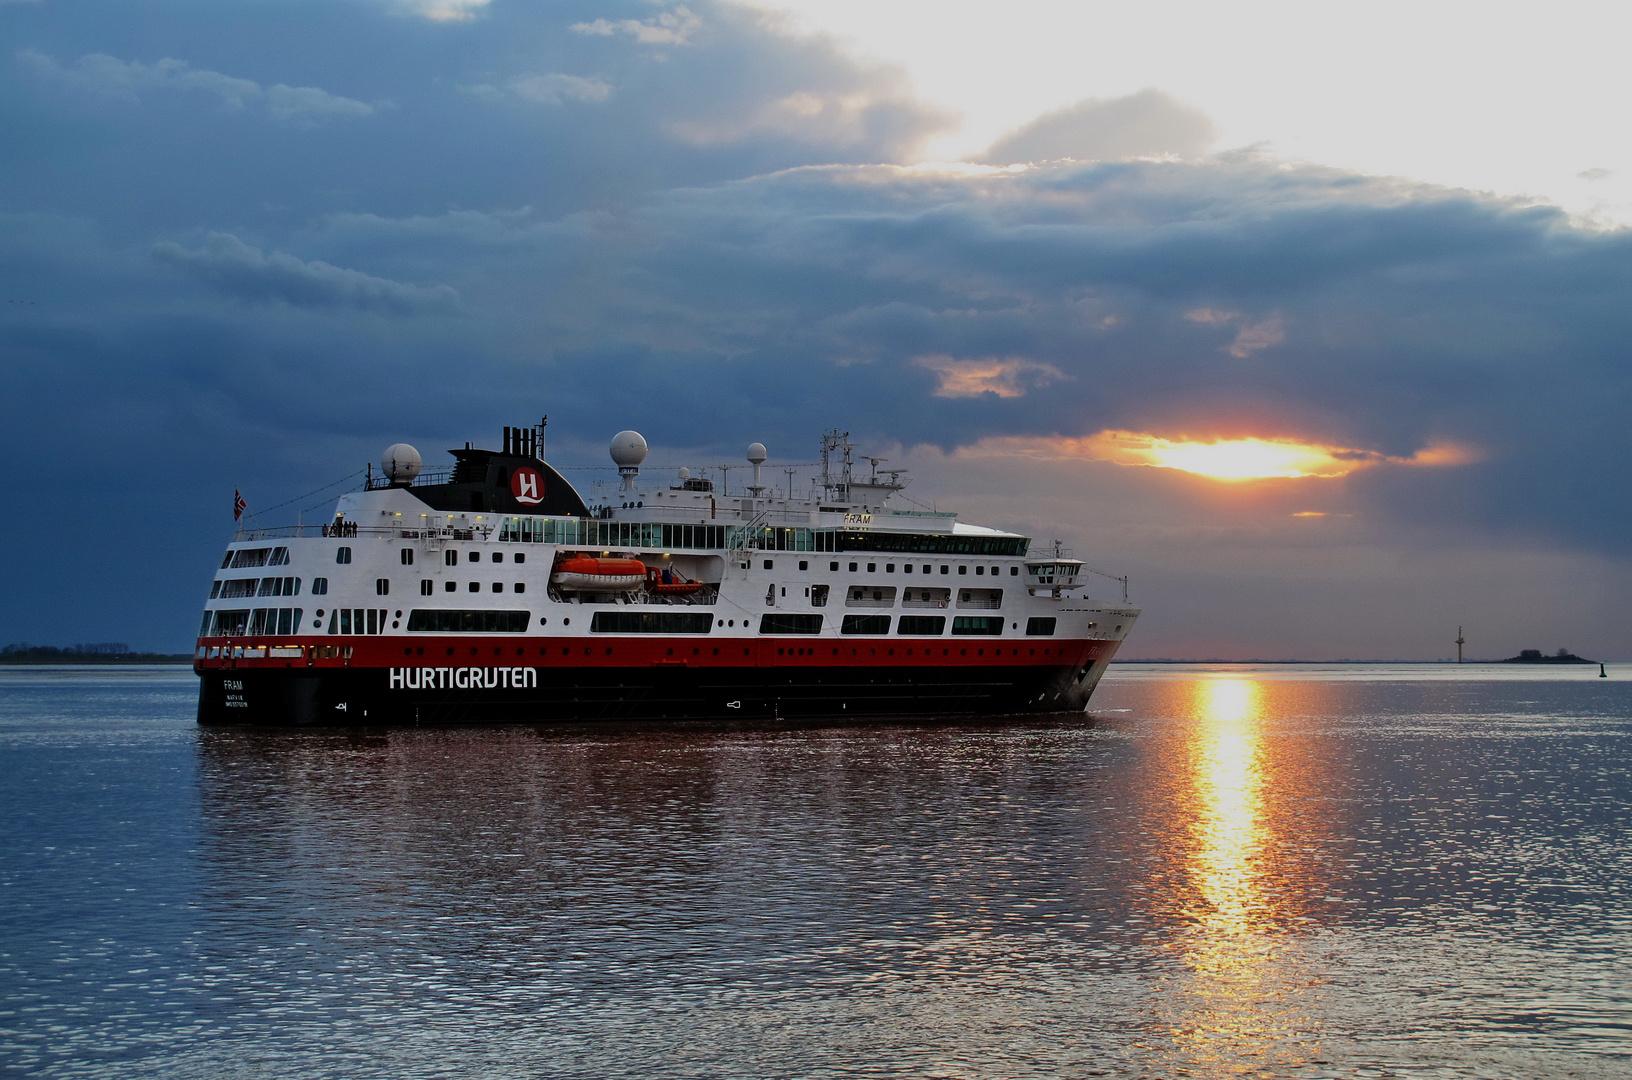 Ja, liegt Bremerhaven denn jetzt an einem Fjord ?